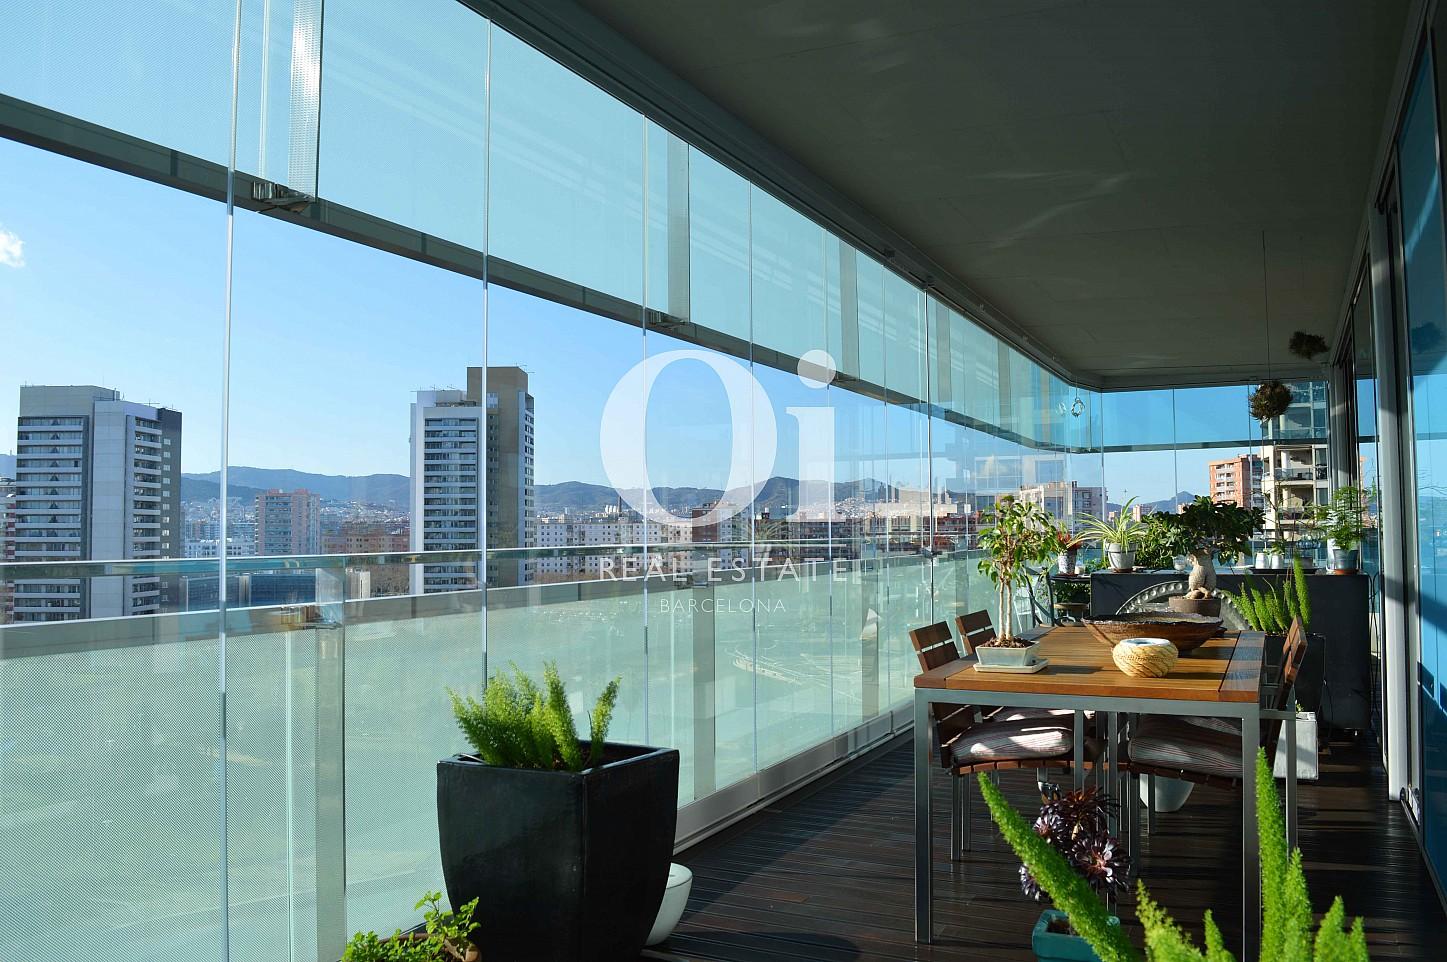 Wunderbarer Ausblick vom Balkon vom Apartment zum Verkauf, dirket am Meer